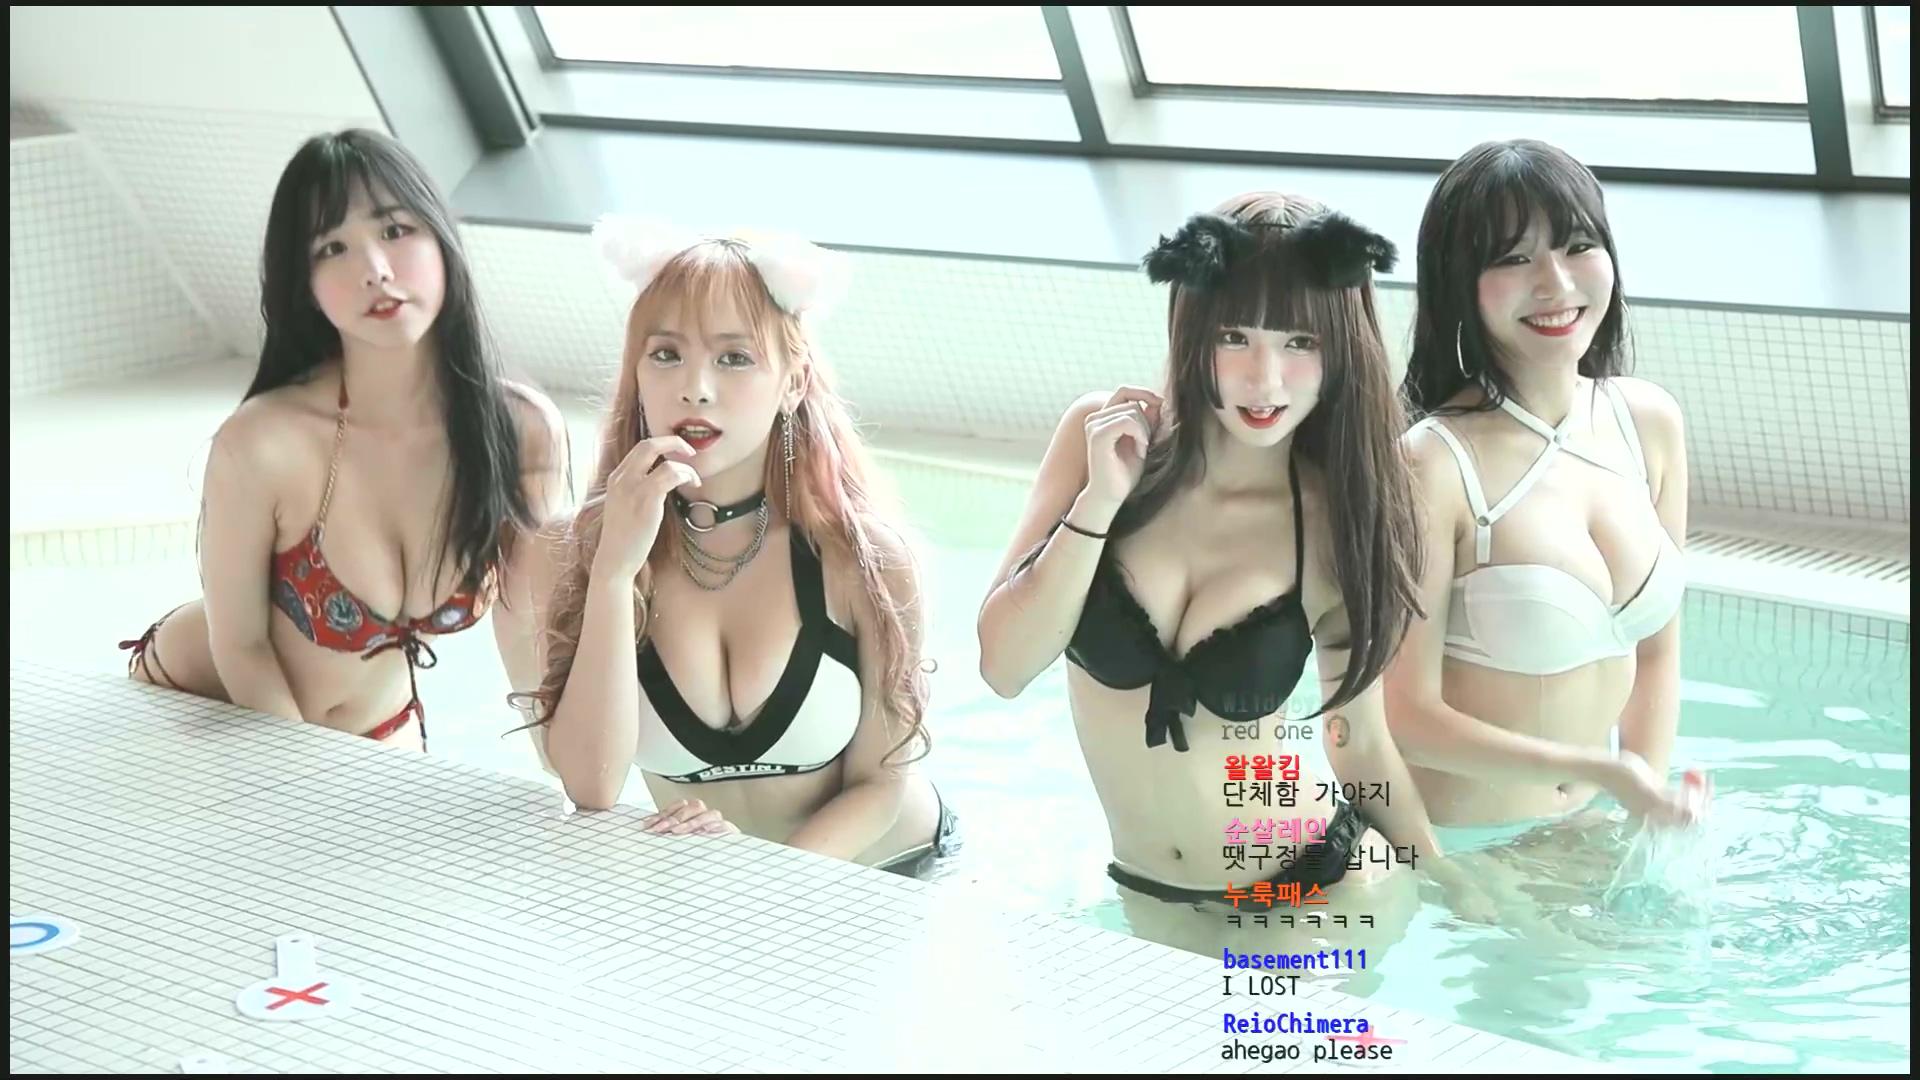 直播没关韩国女主播洗完澡露点 发道歉声明并宣布引退